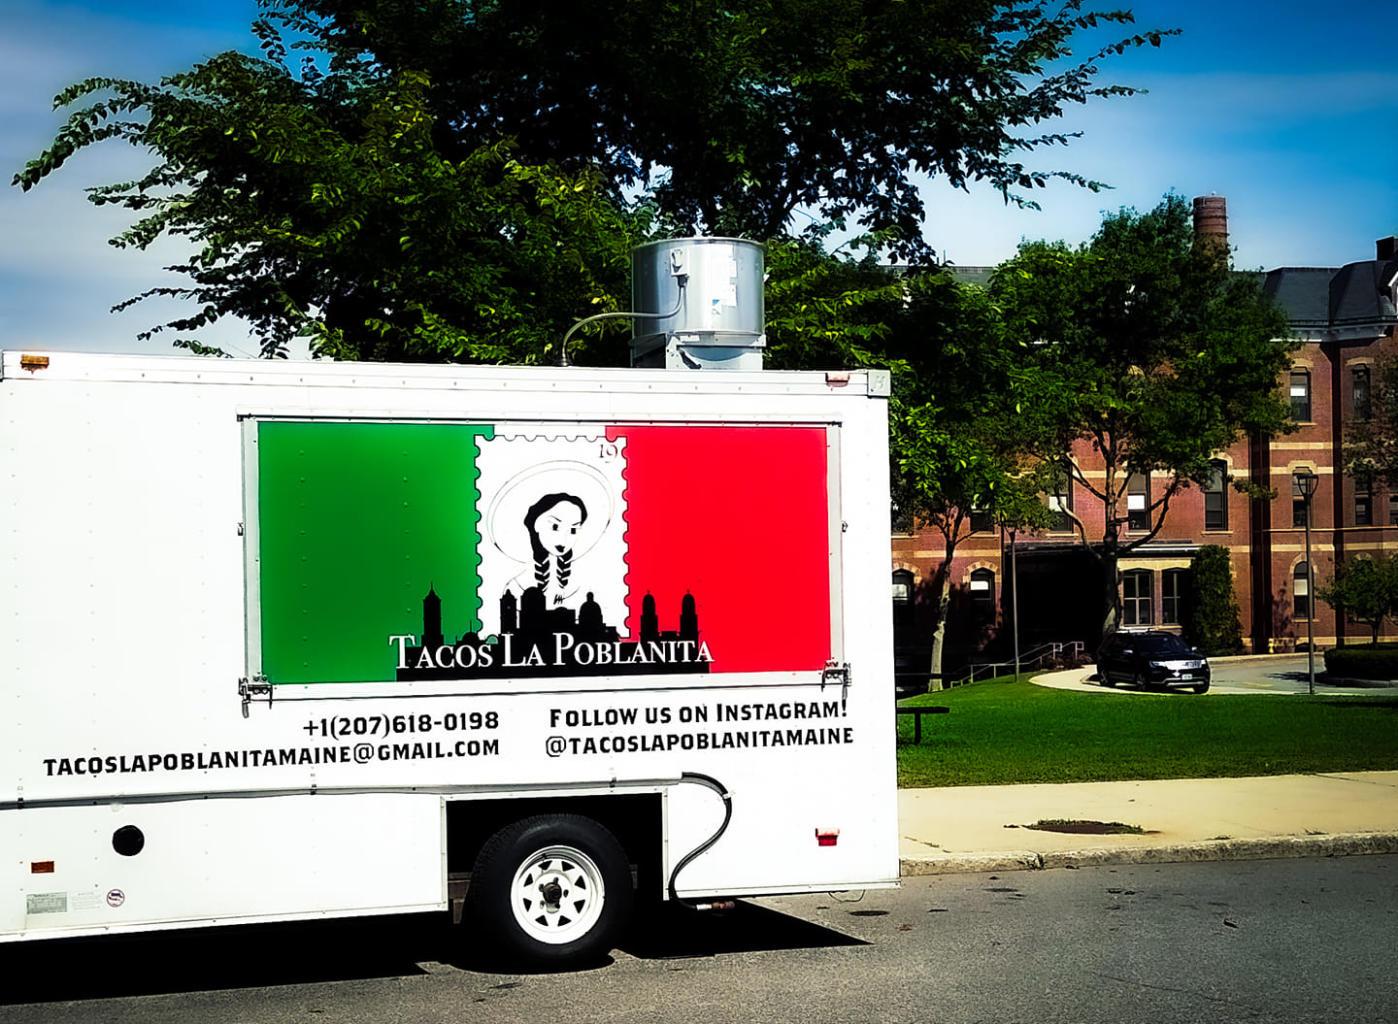 Tacos la Poblanita